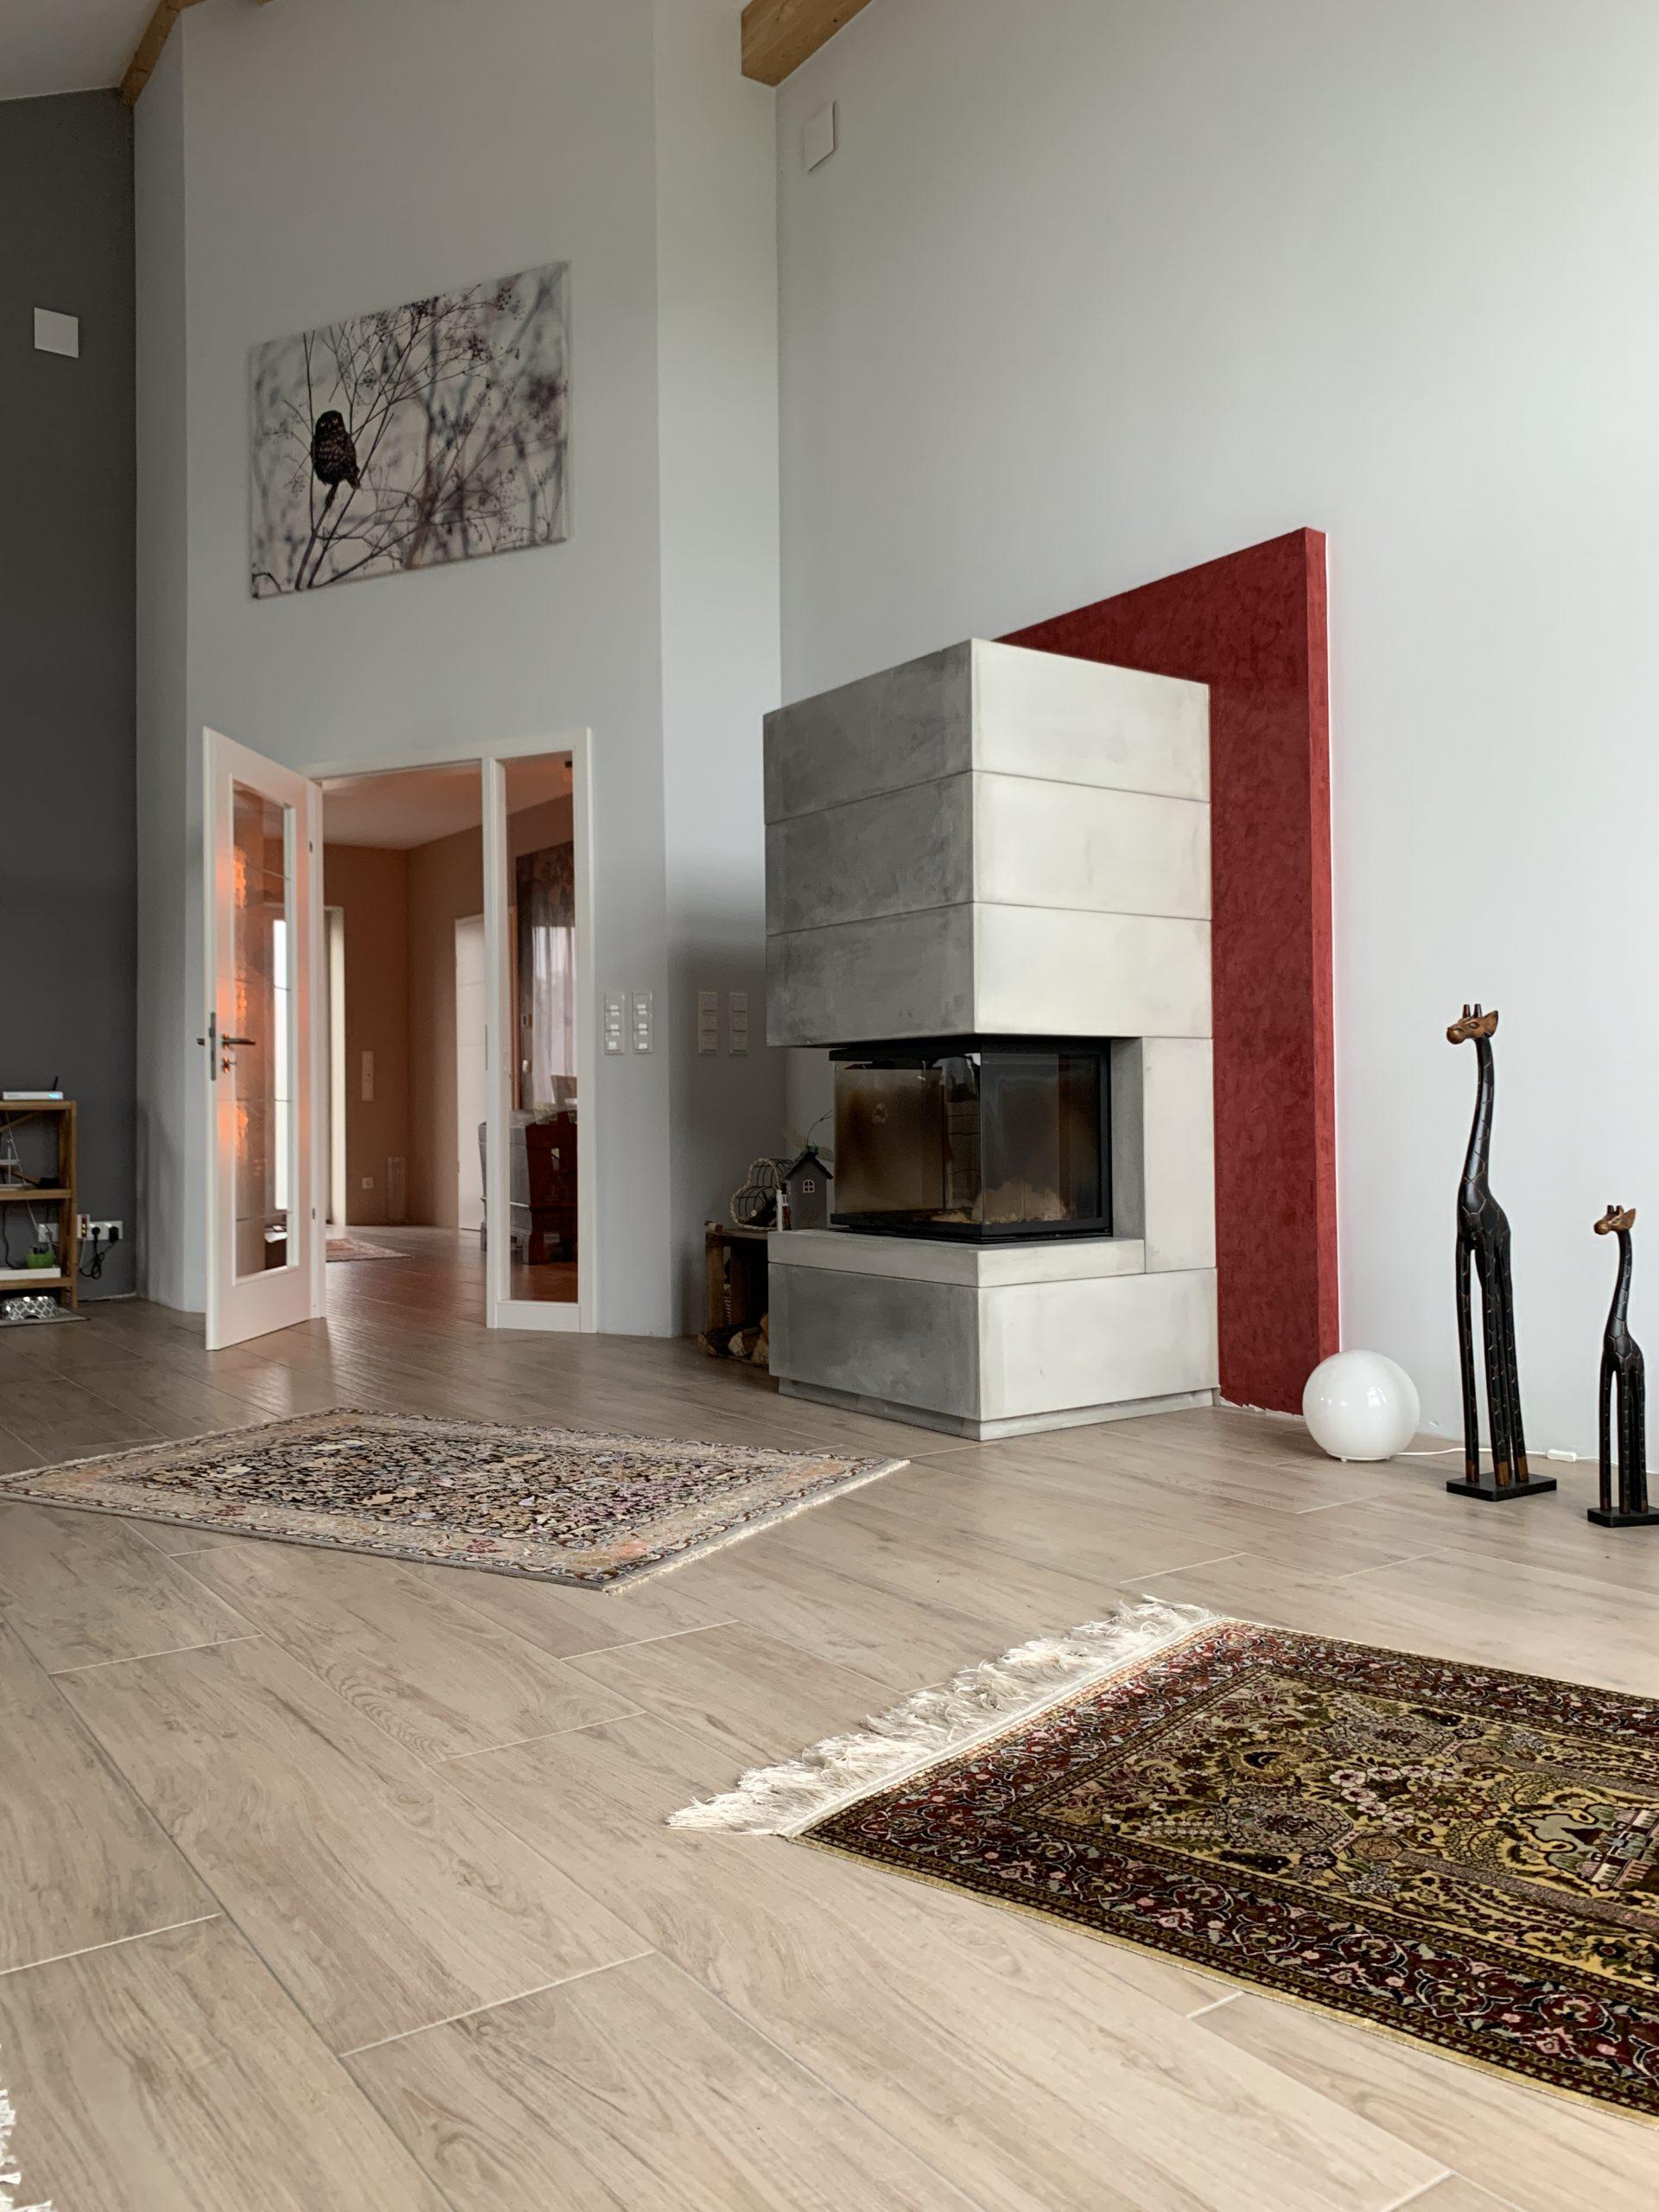 Keramikfliesen mit Holzdekor schenken jedem Raum eine natürliche Wärme.